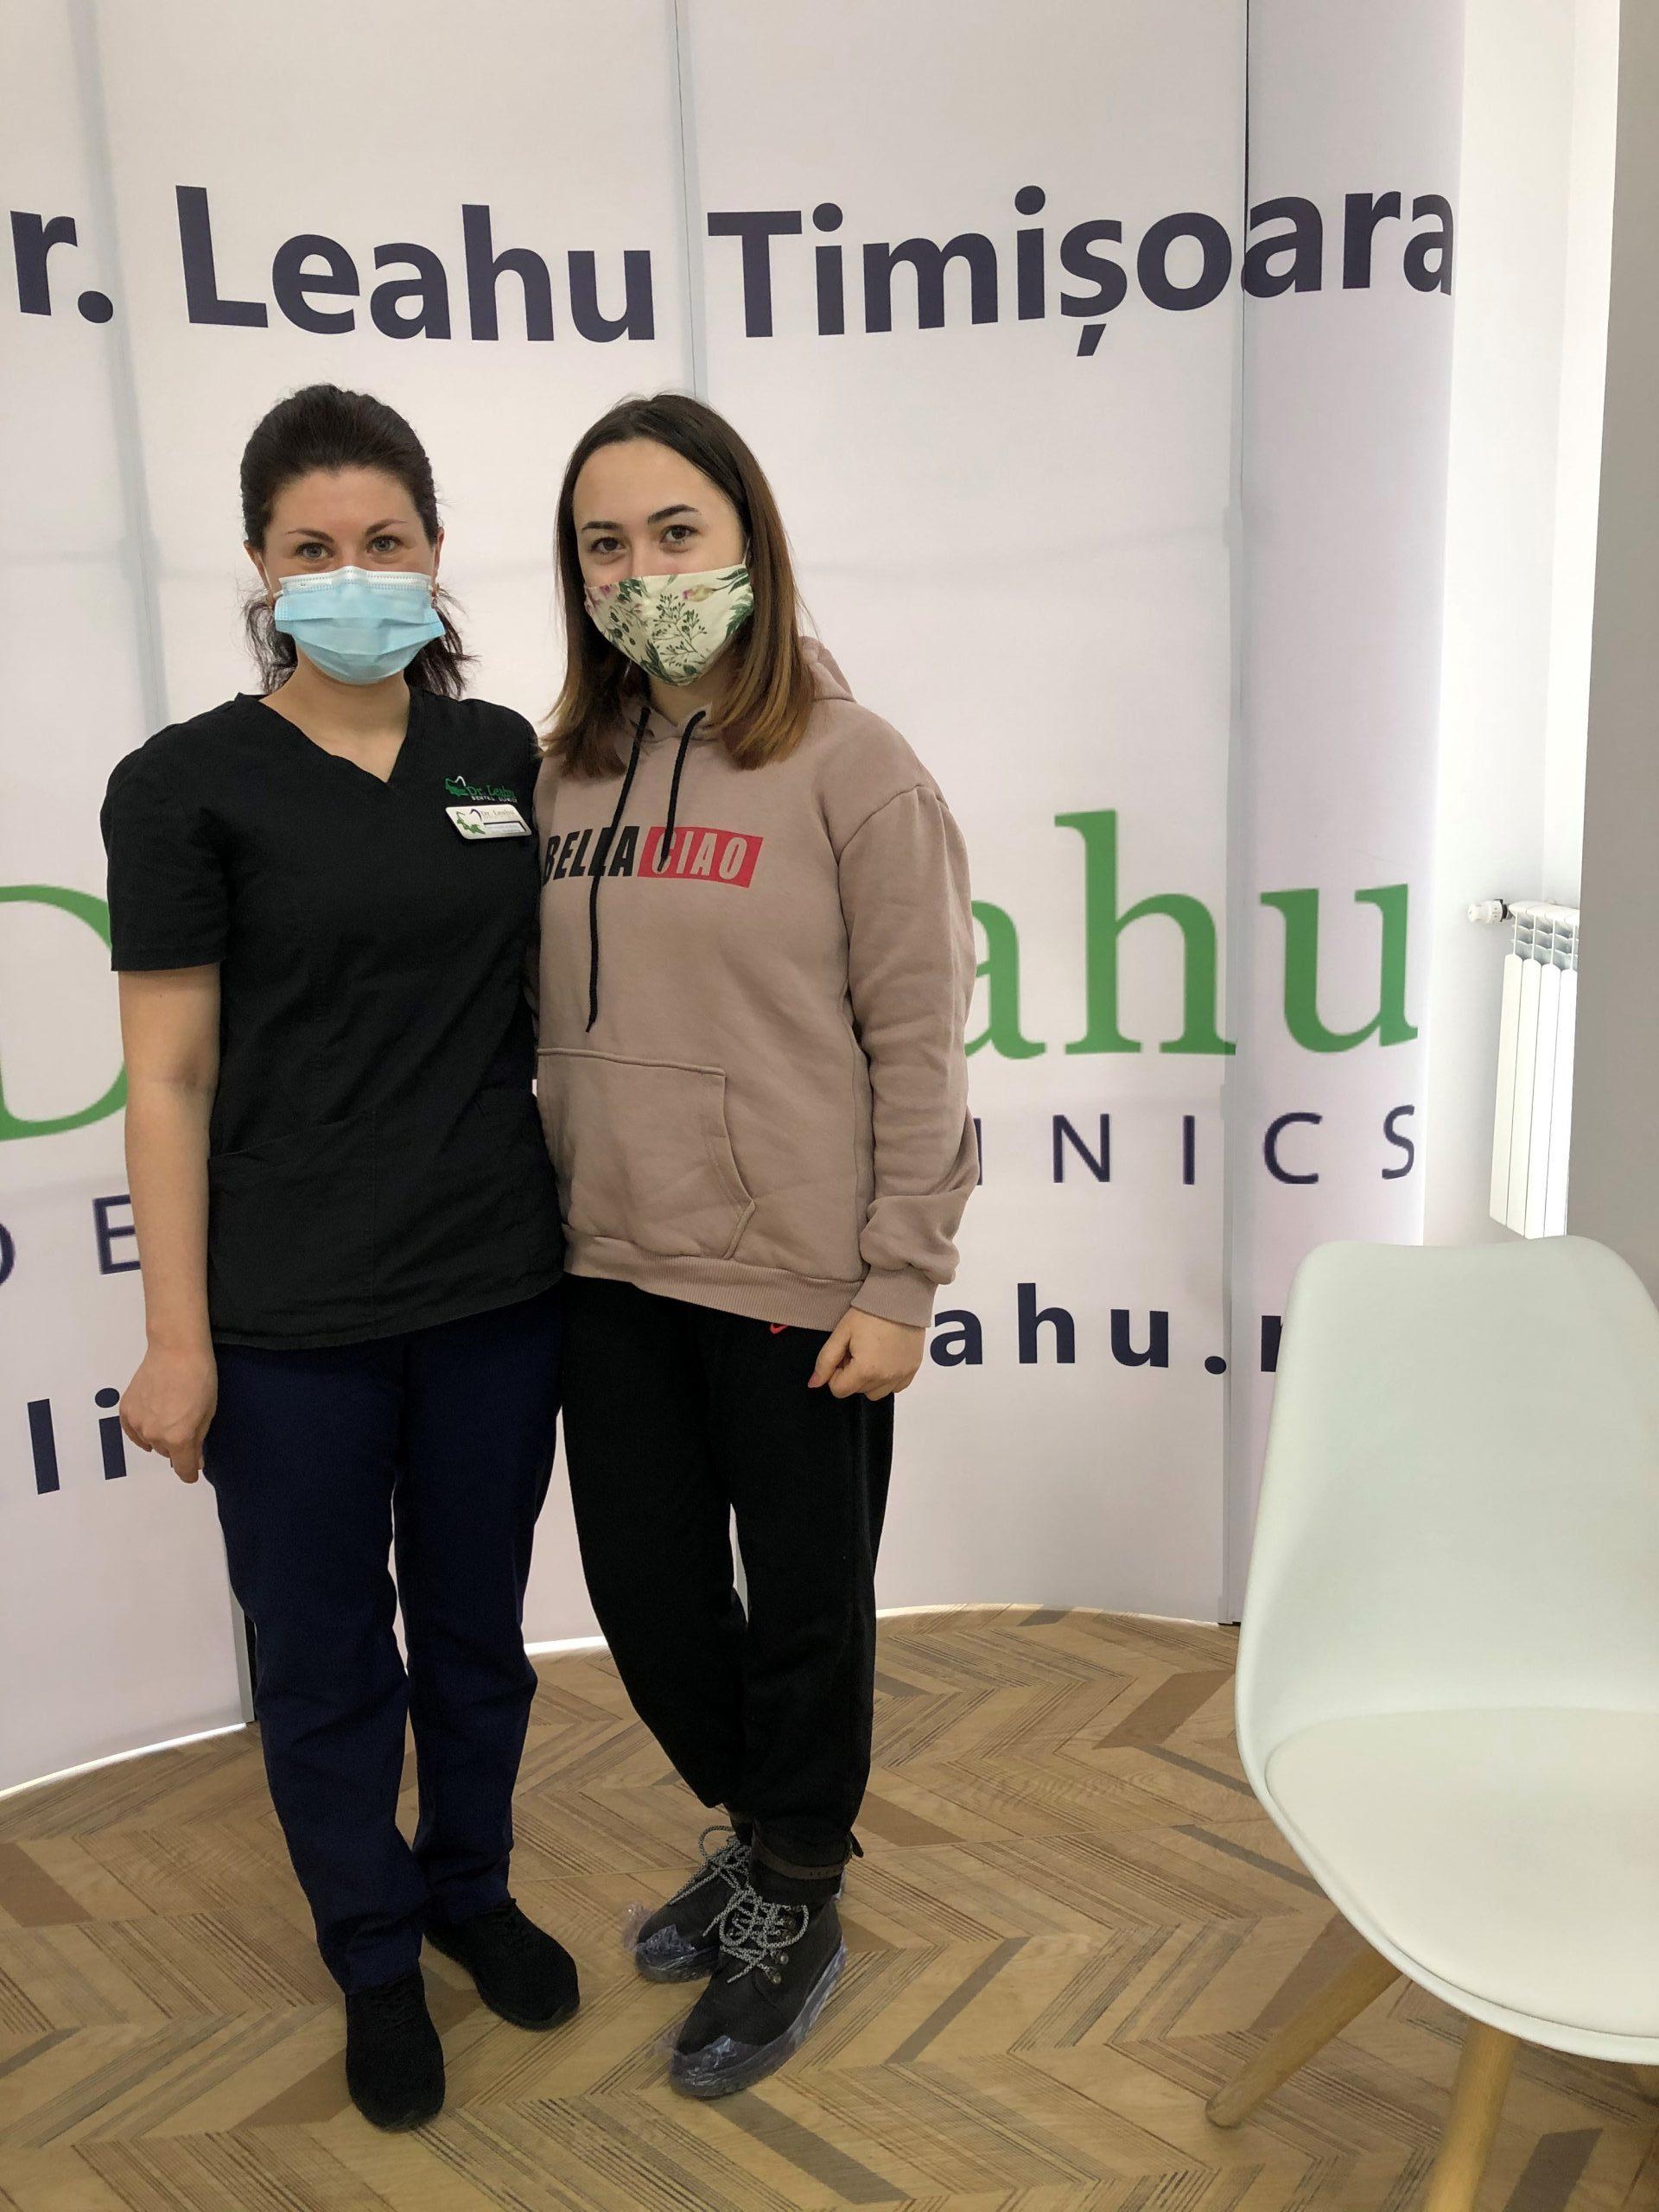 Dr. Elena Boaghe in stanga si pacienta in dreapta